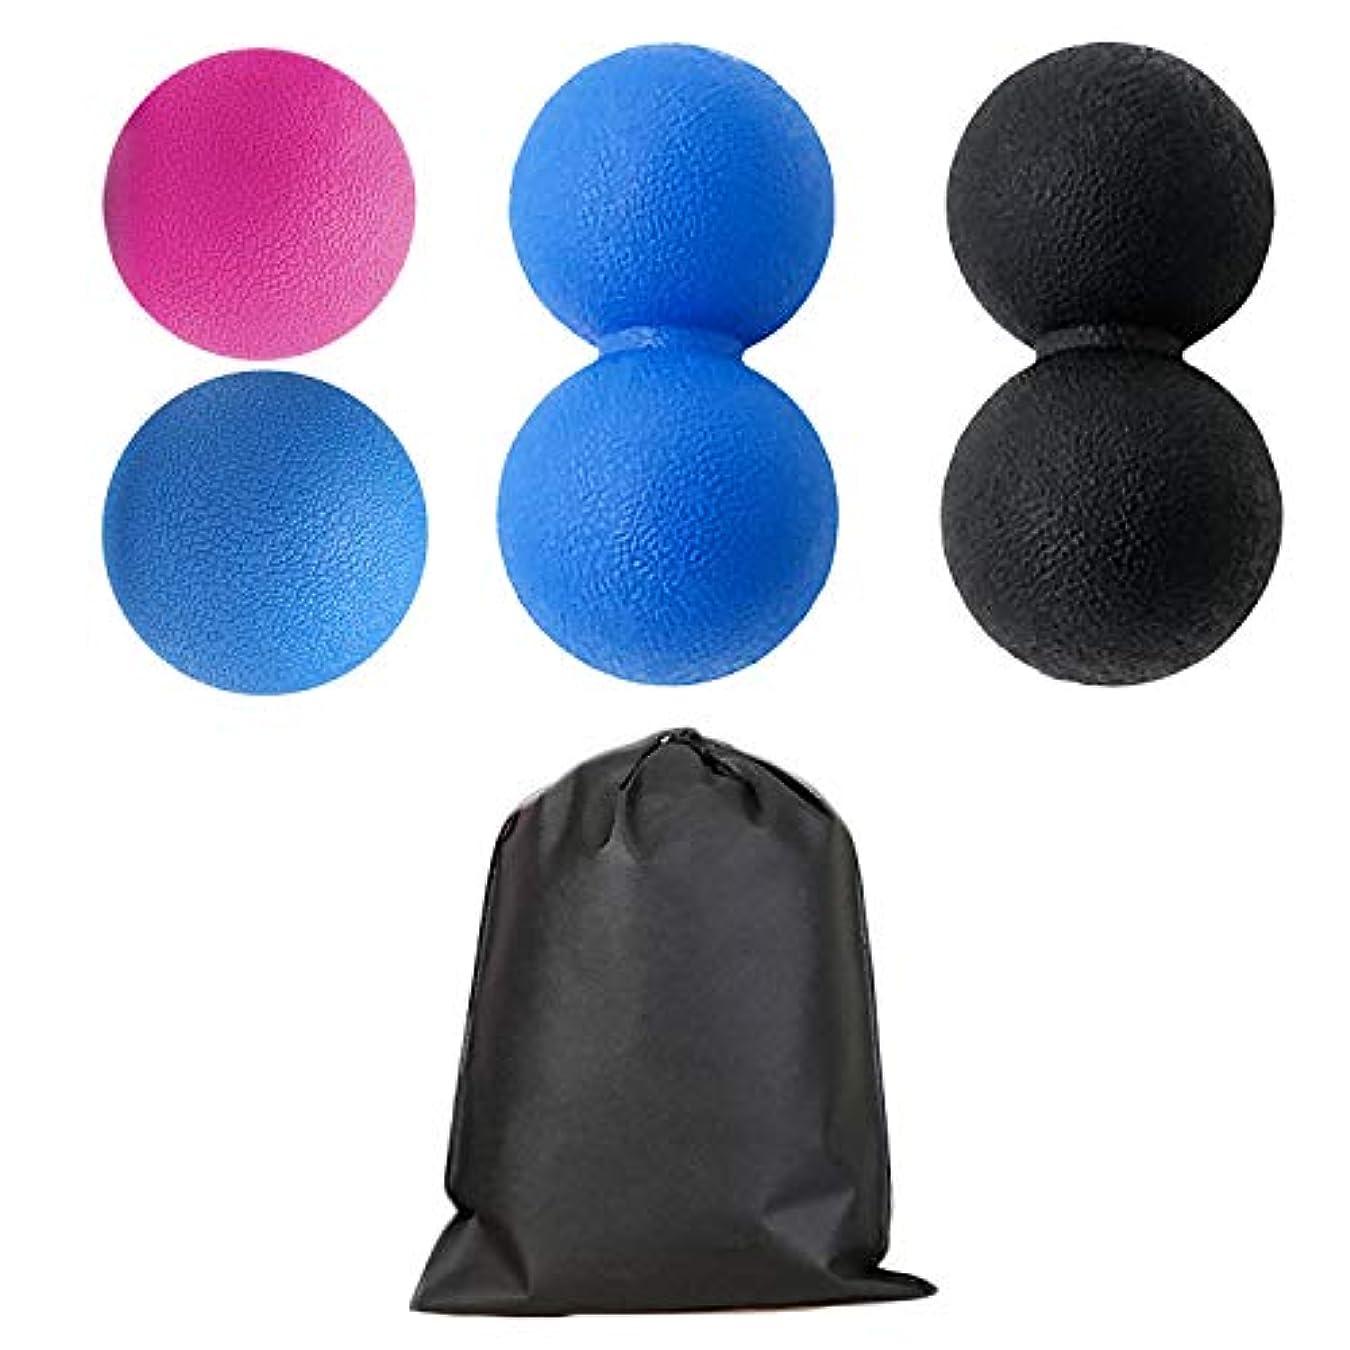 ランドマーク突撃スクランブルMigavan 2本マッサージボールローラーバックマッサージボール収納袋が付いている別の様式のマッサージのローラーボールのマッサージャー